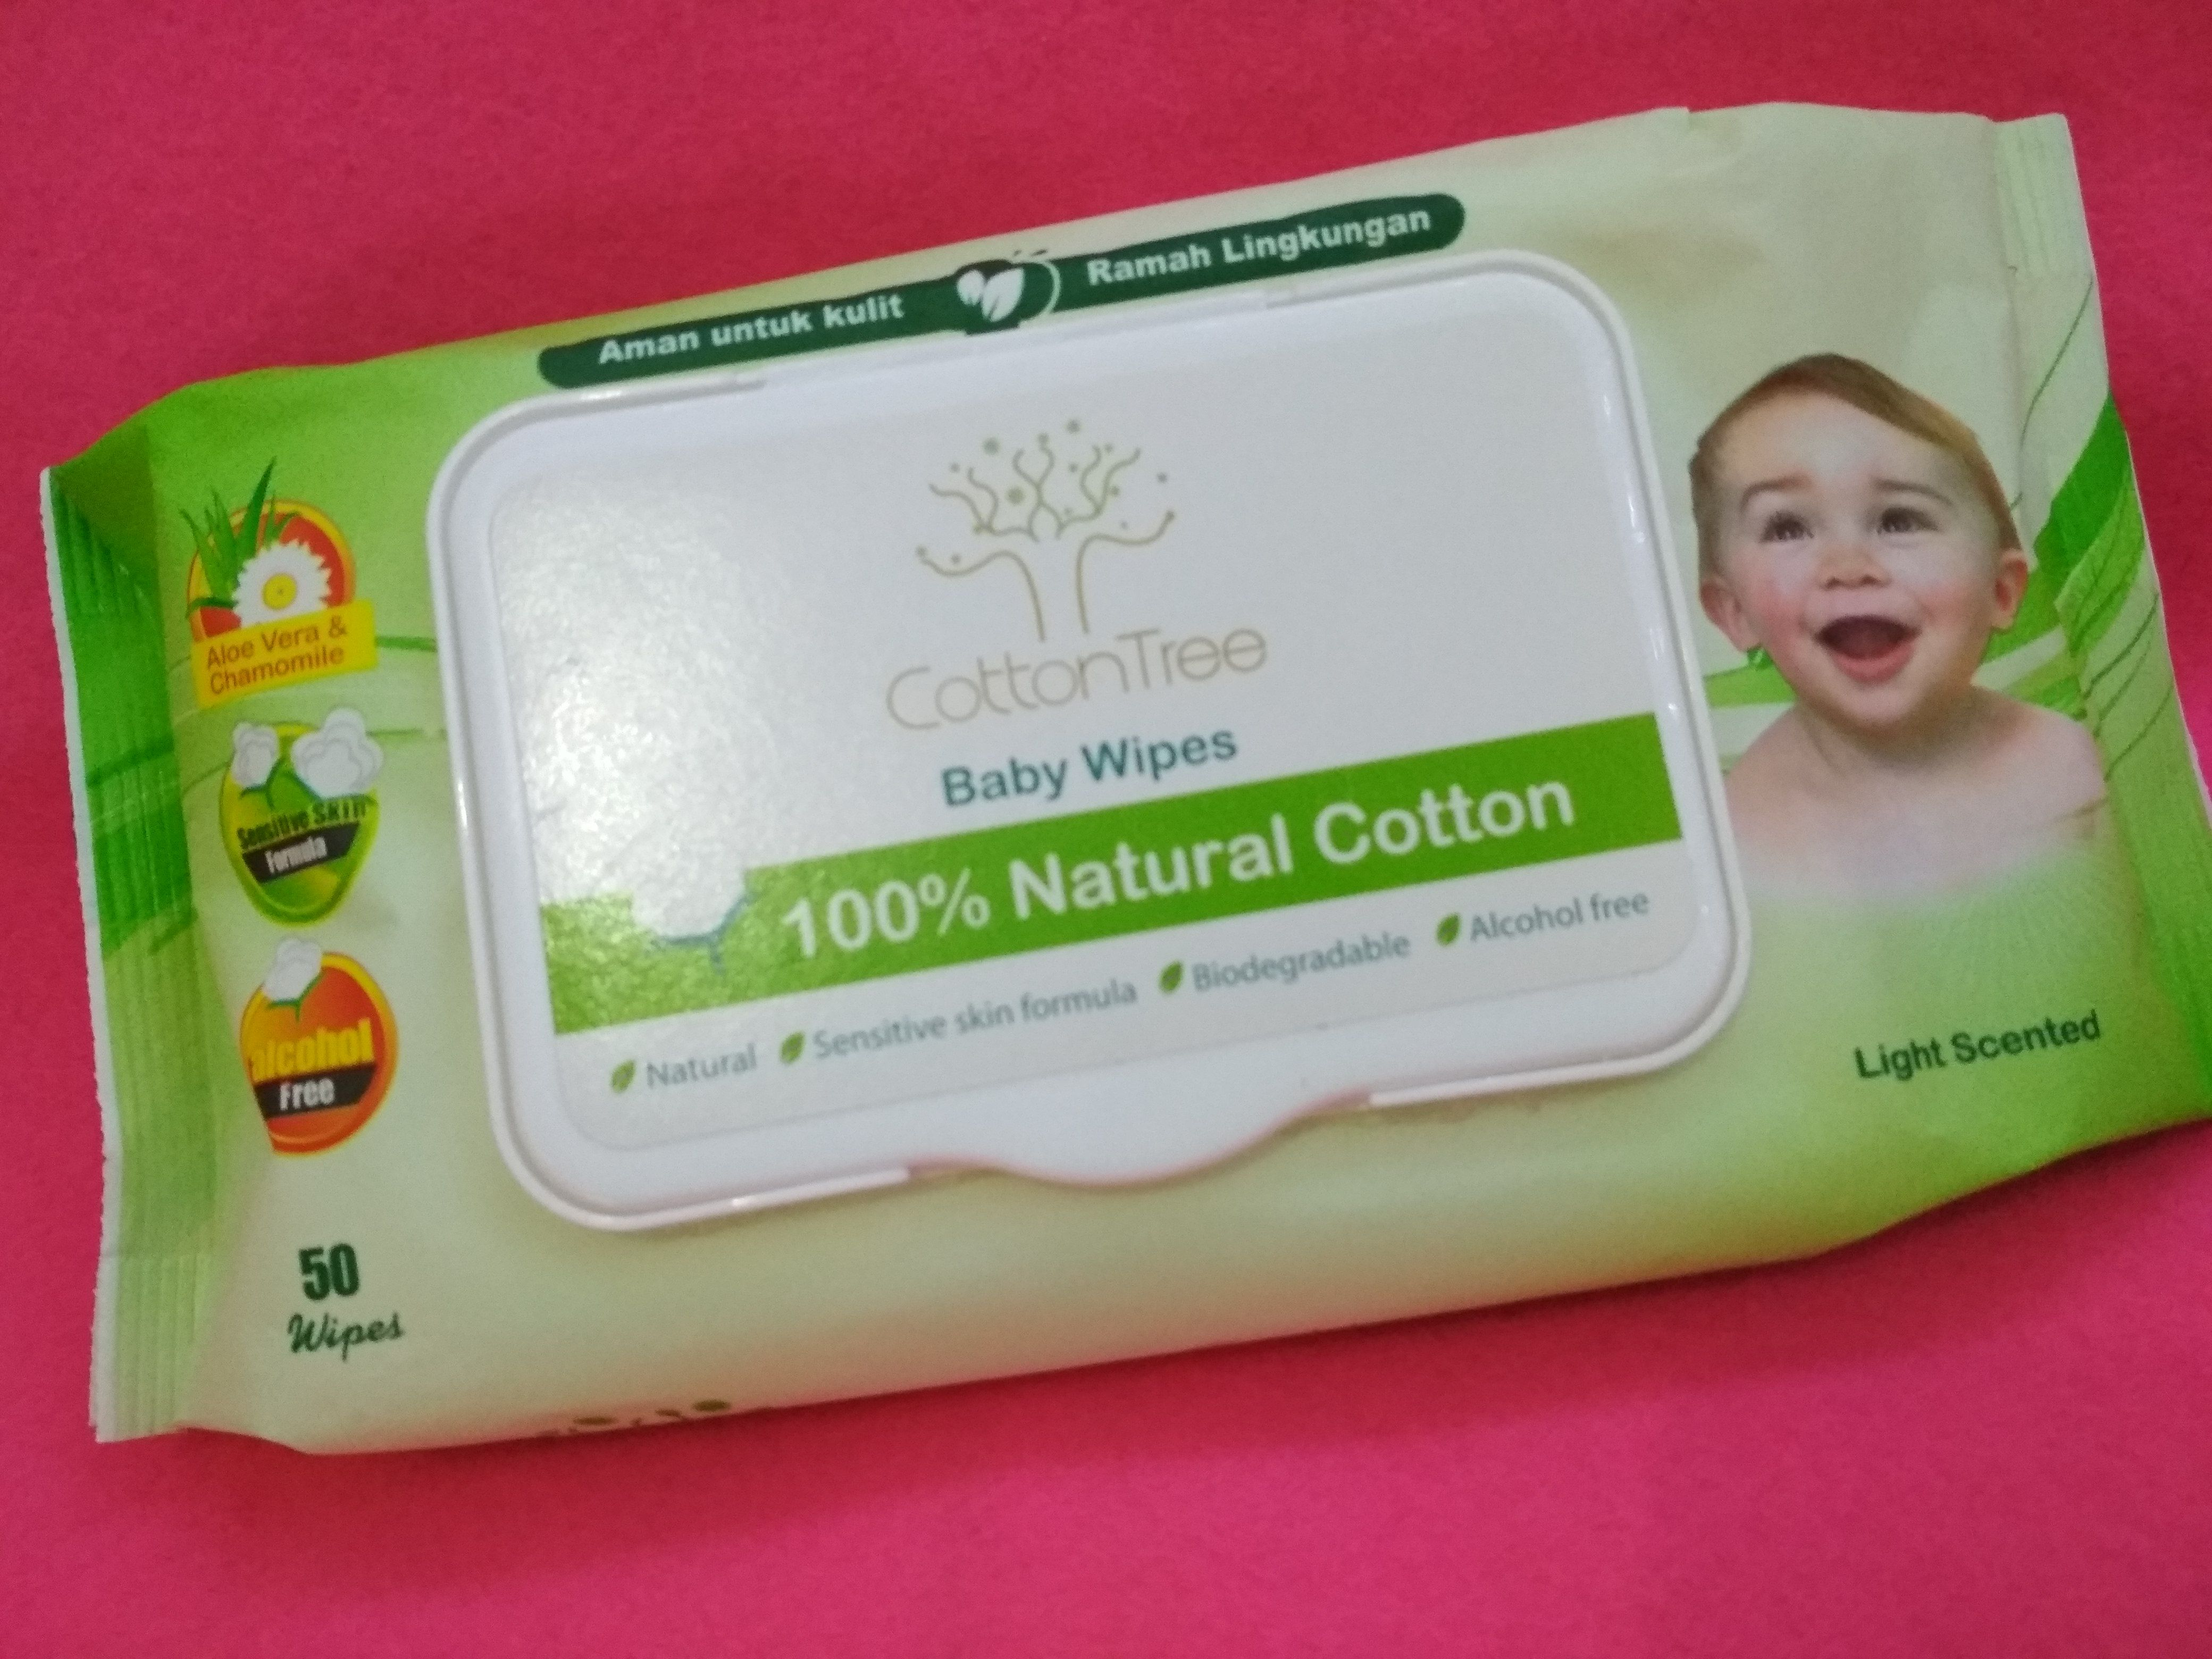 gambar review ke-1 untuk Cotton Tree Baby Wipes